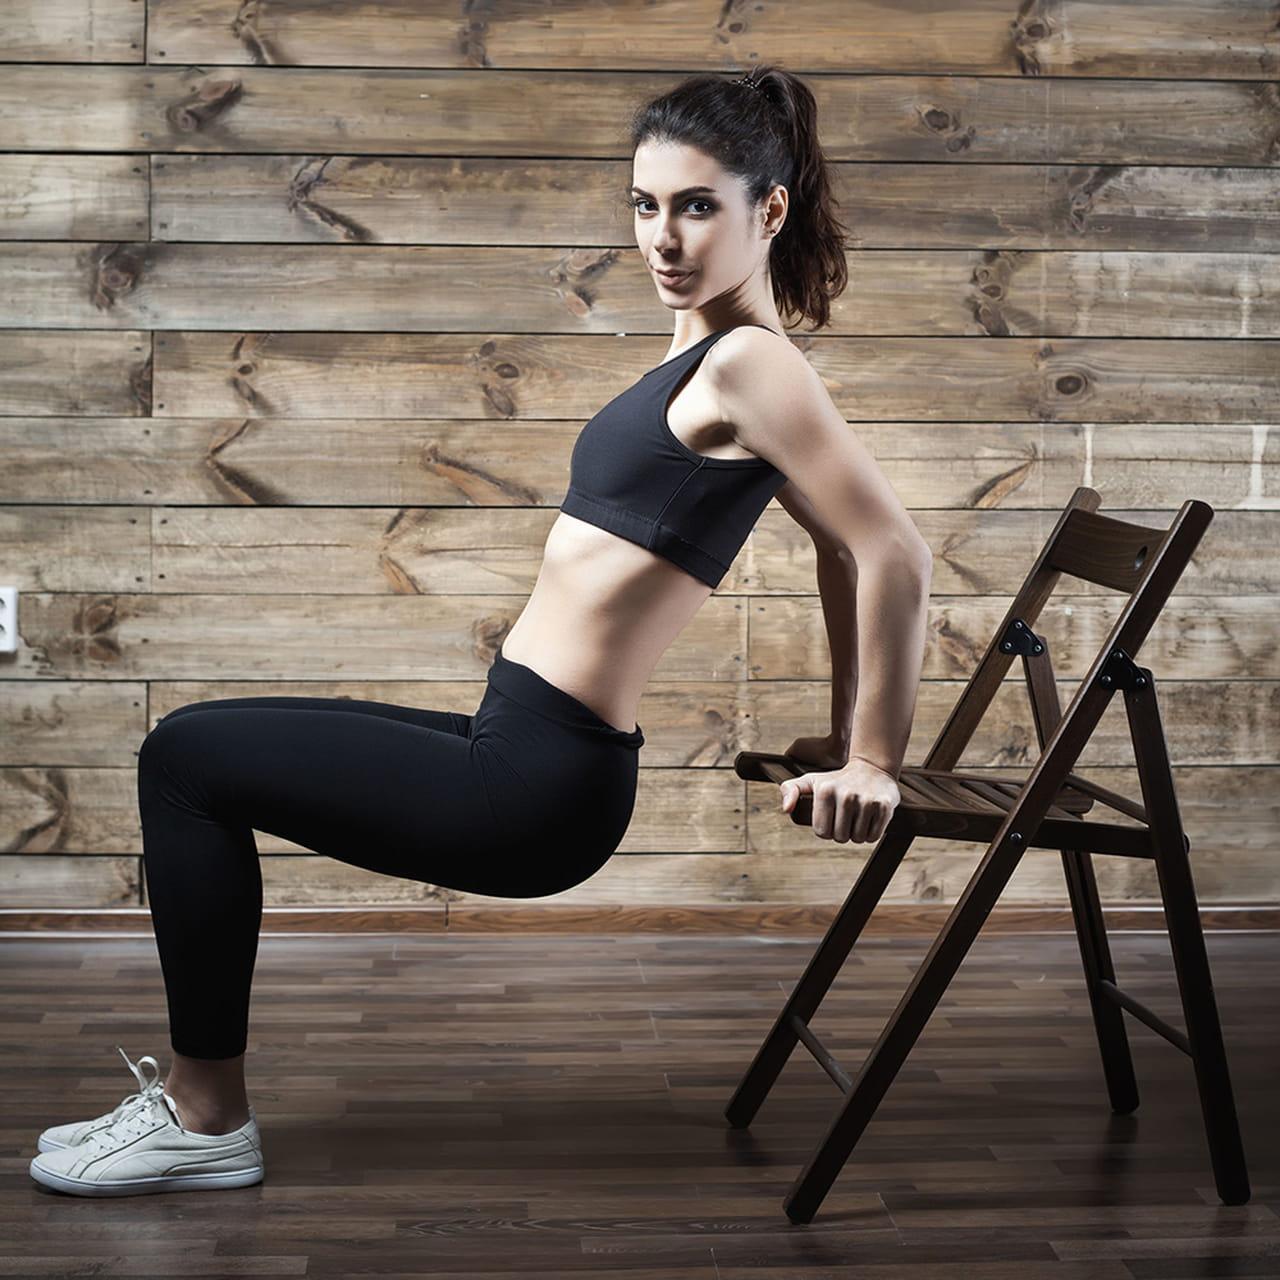 1- تمرين الكرسي